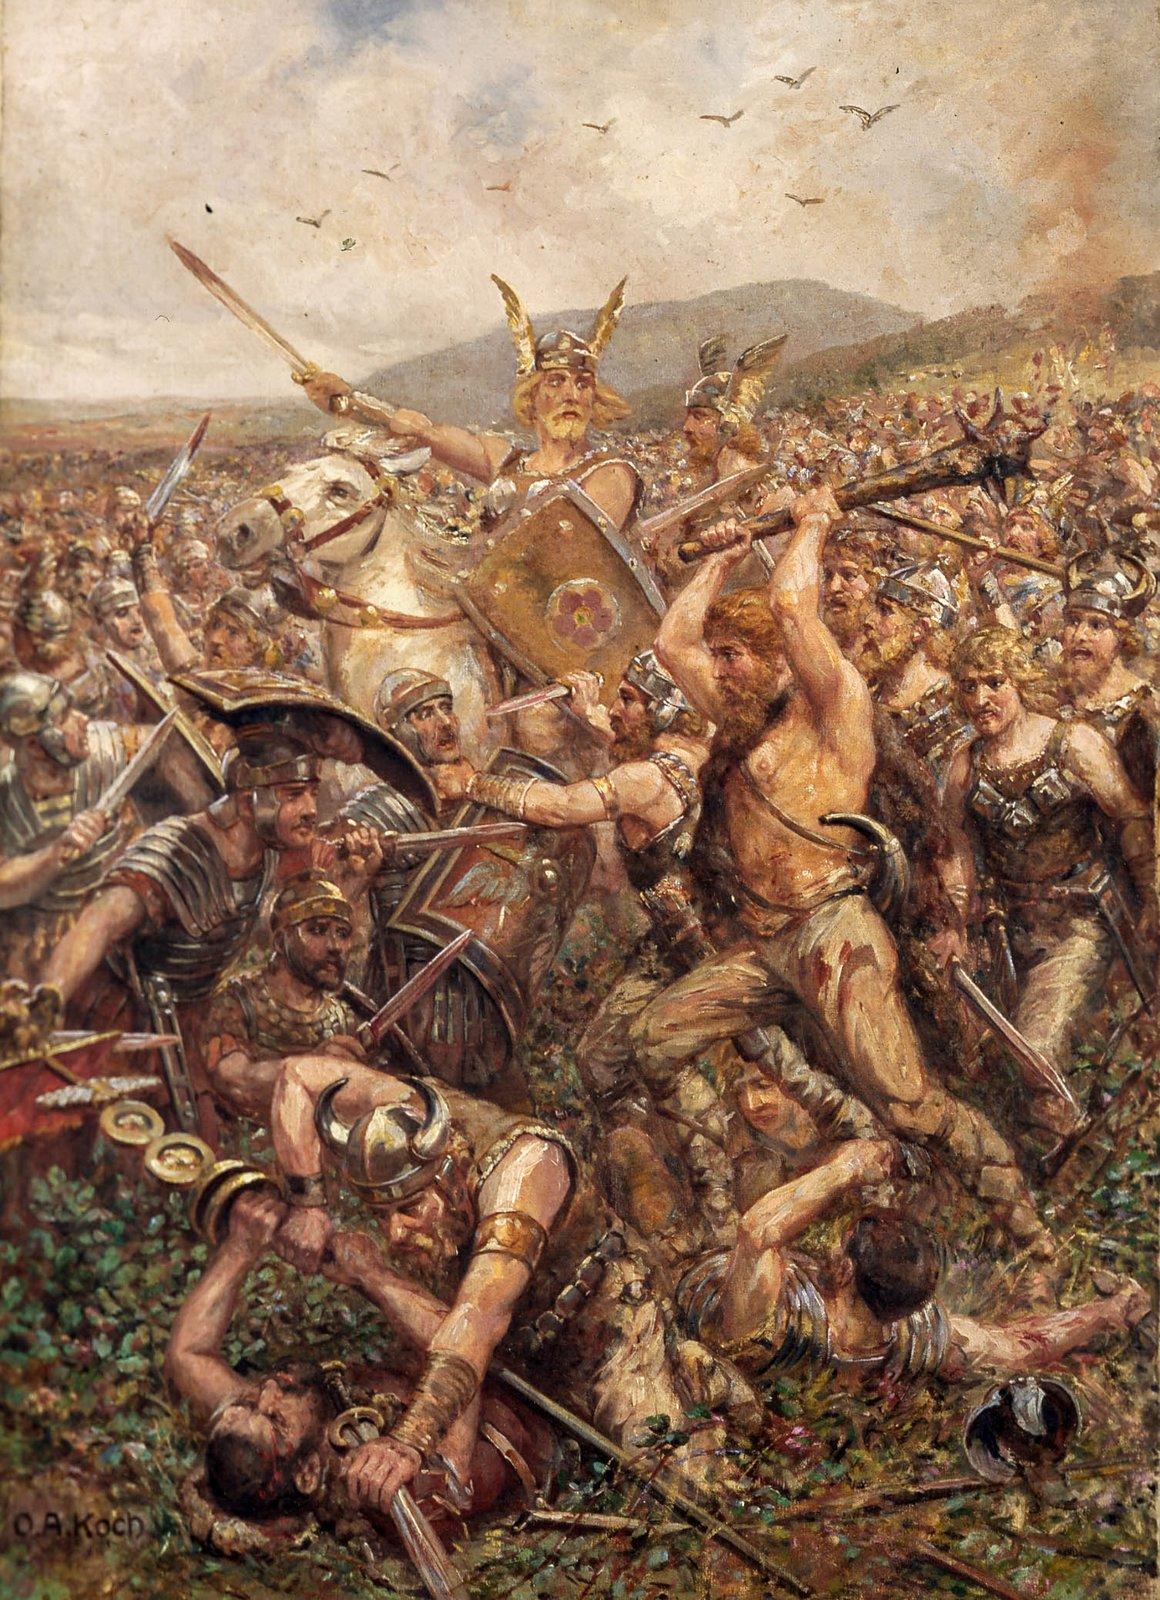 Bitwa wLesie Teutoburskim Rzymianie stracili wbitwie trzy legiony. Nigdy ich nie odtworzono. Obraz zpoczątku XX wieku, przedstawiający wspaniałe zwycięstwo Germanów Źródło: Otto Albert Koch, Bitwa wLesie Teutoburskim, 1909, domena publiczna.